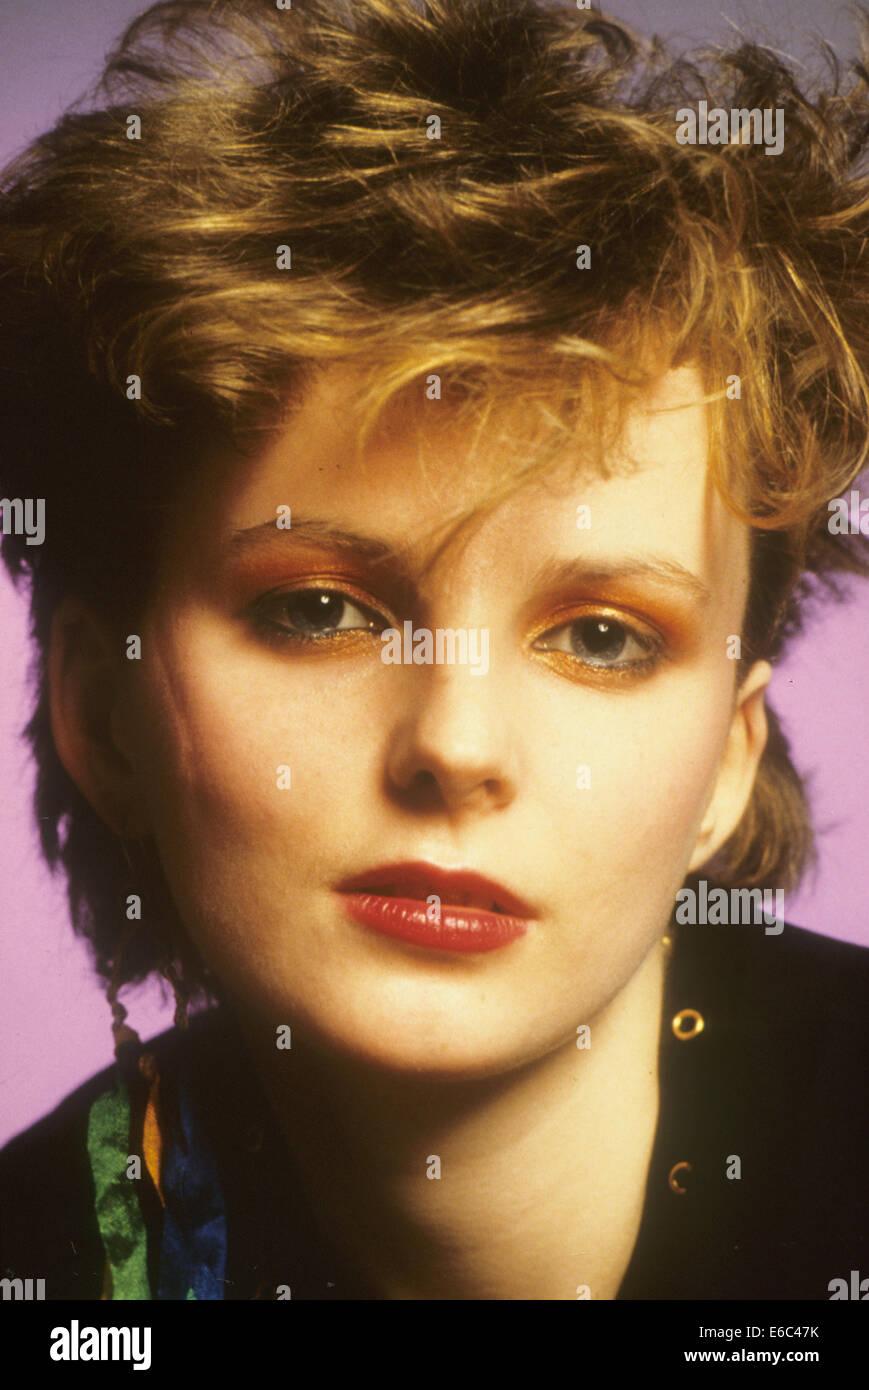 Le immagini modificate foto promozionale della cantante Claire Grogan circa 1982 Immagini Stock